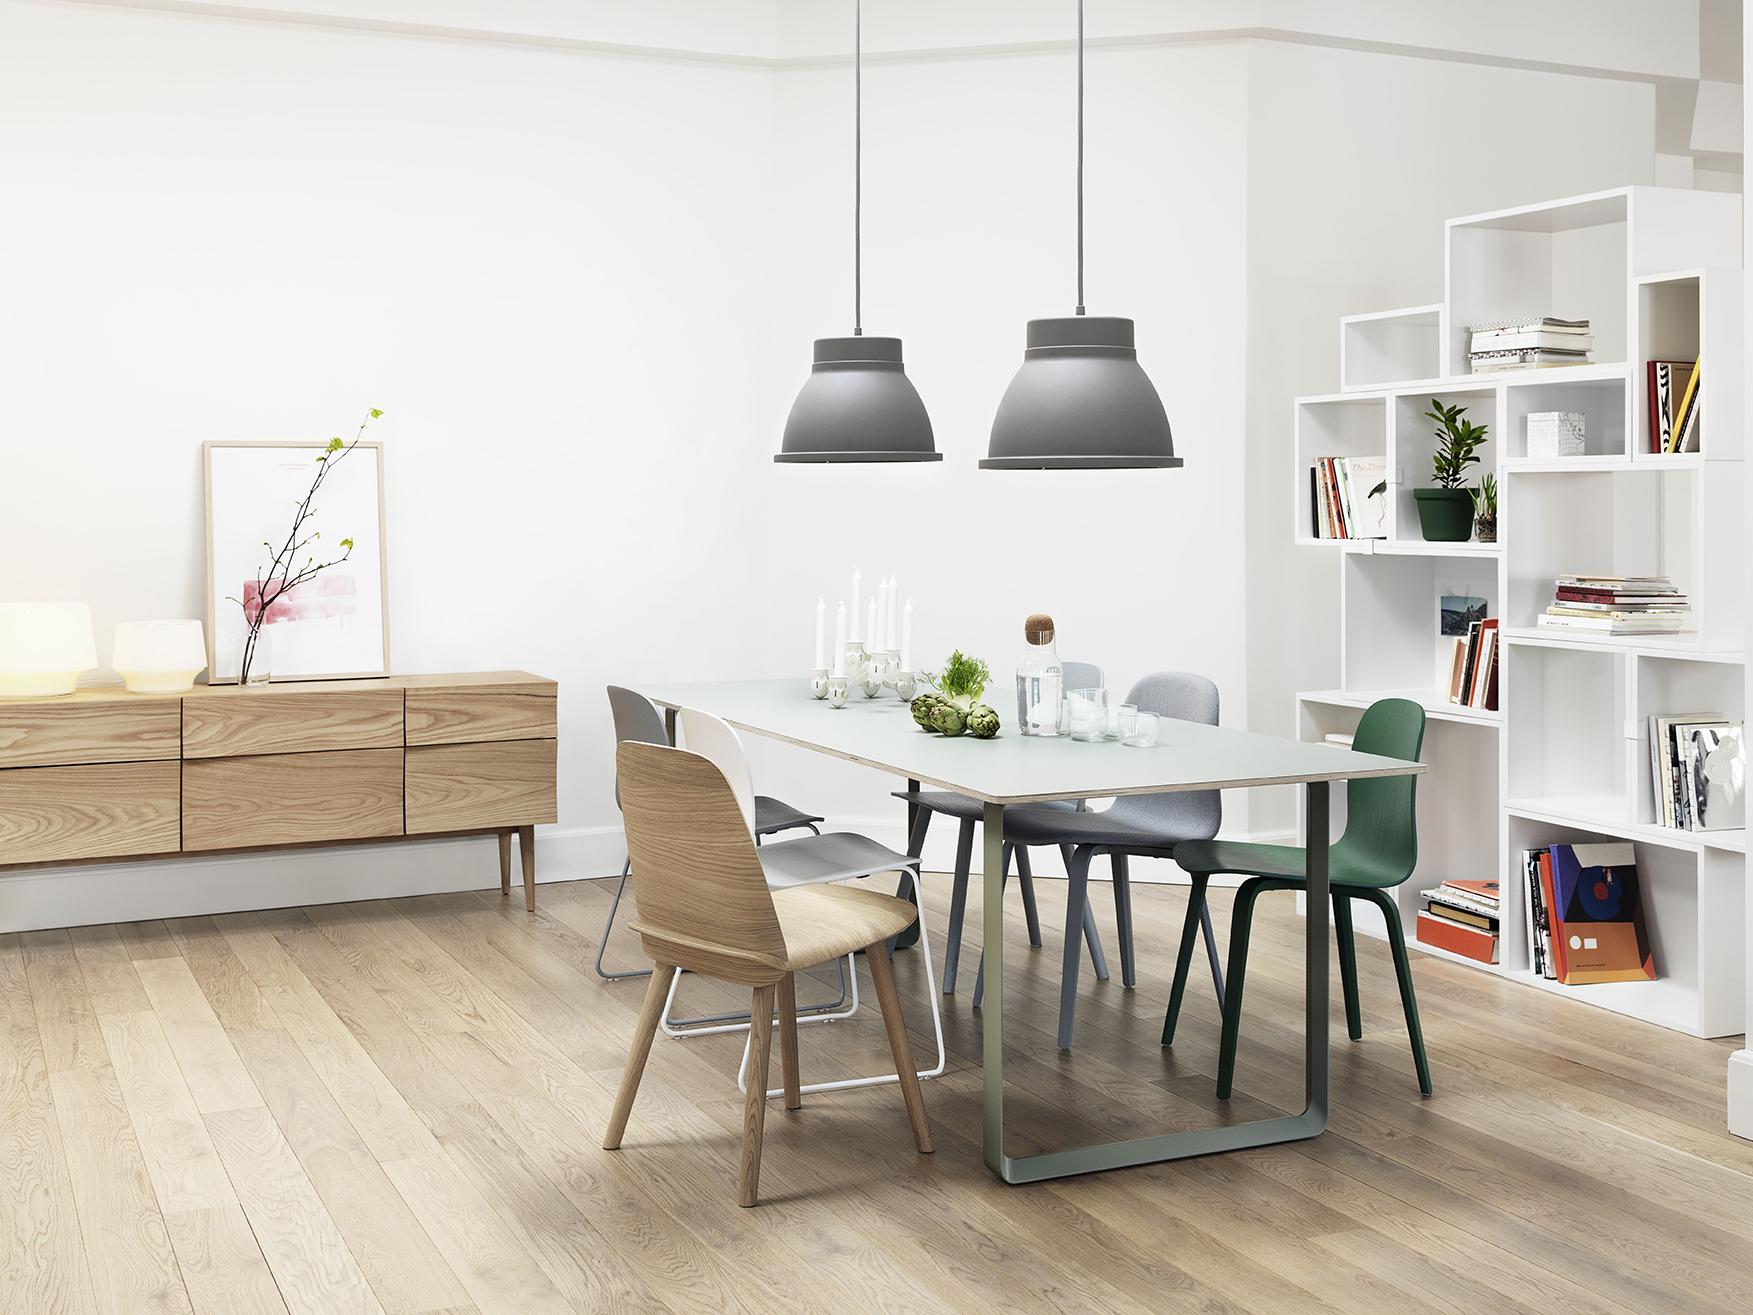 arredare soggiorno low cost: idee arredare parete soggiorno: per ... - Arredamento Soggiorno Studio